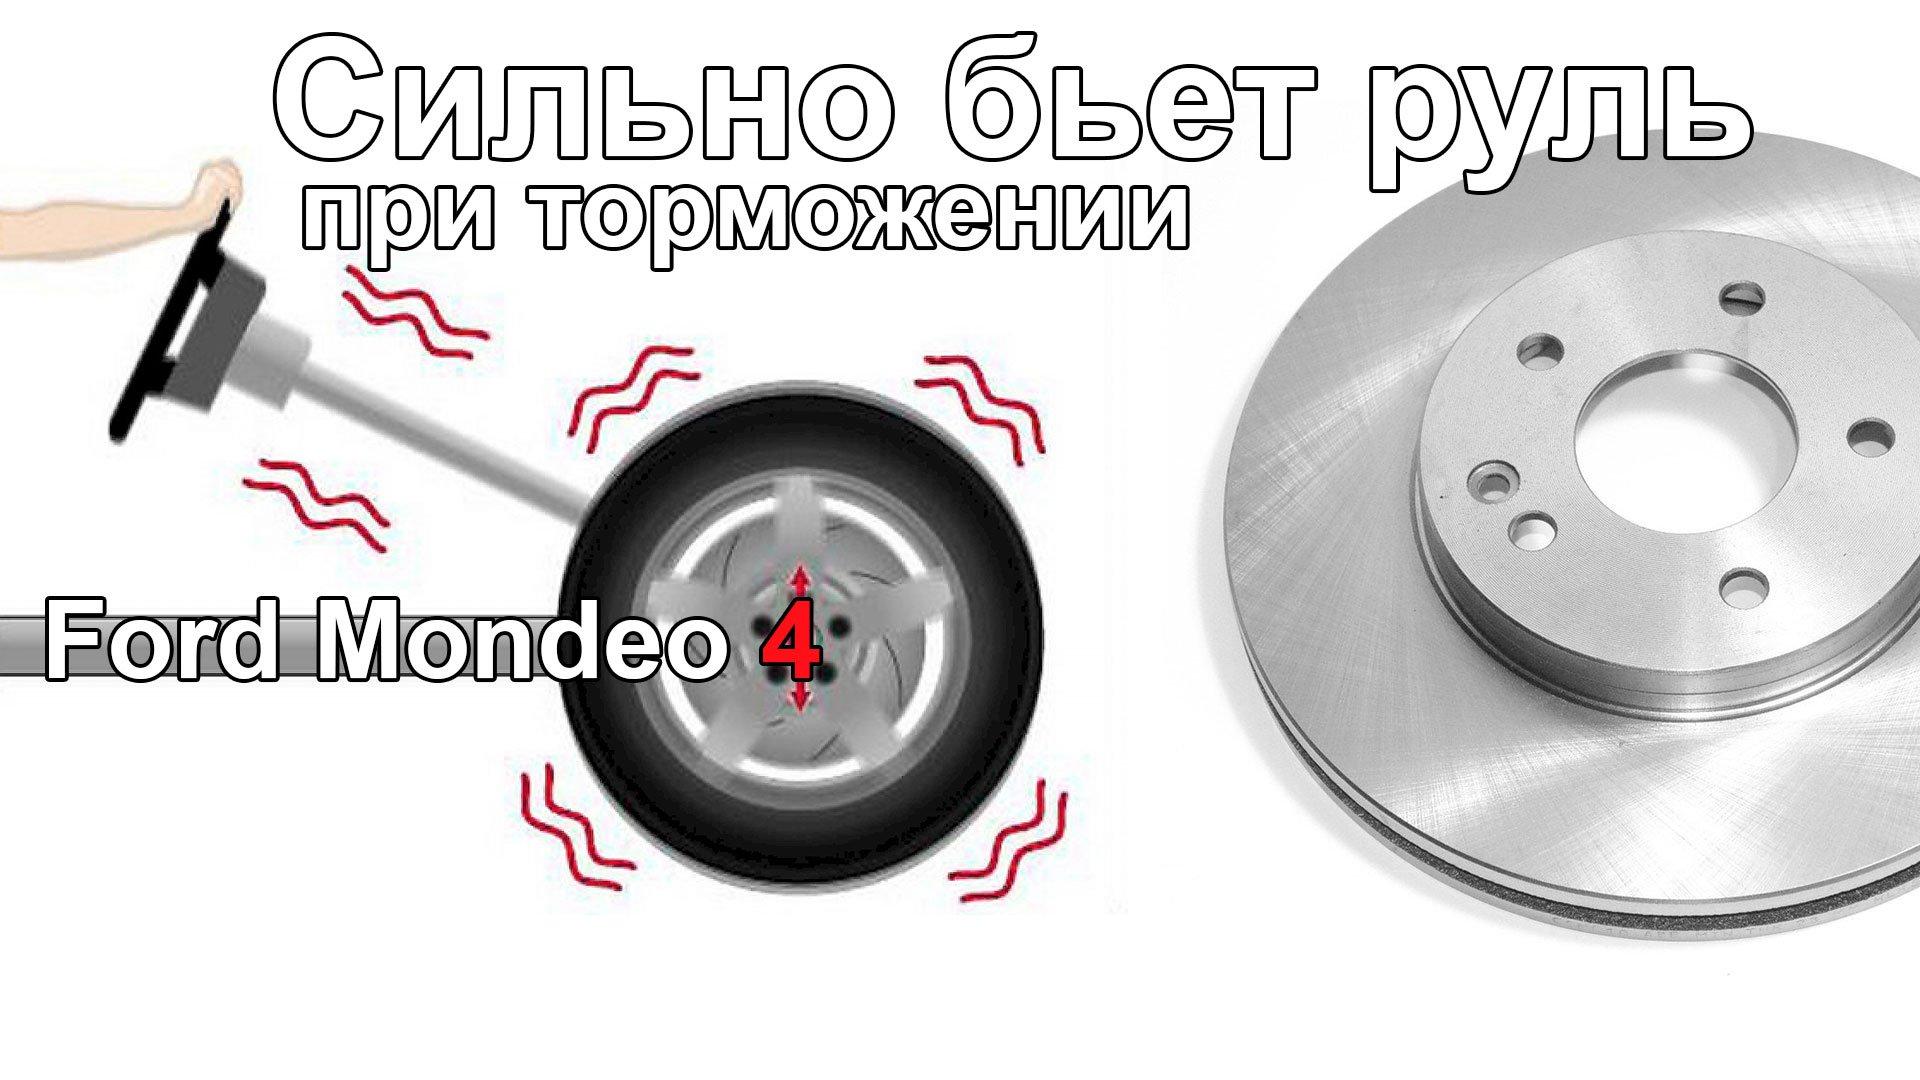 Форд Мондео 4, сильно бьет руля при торможении